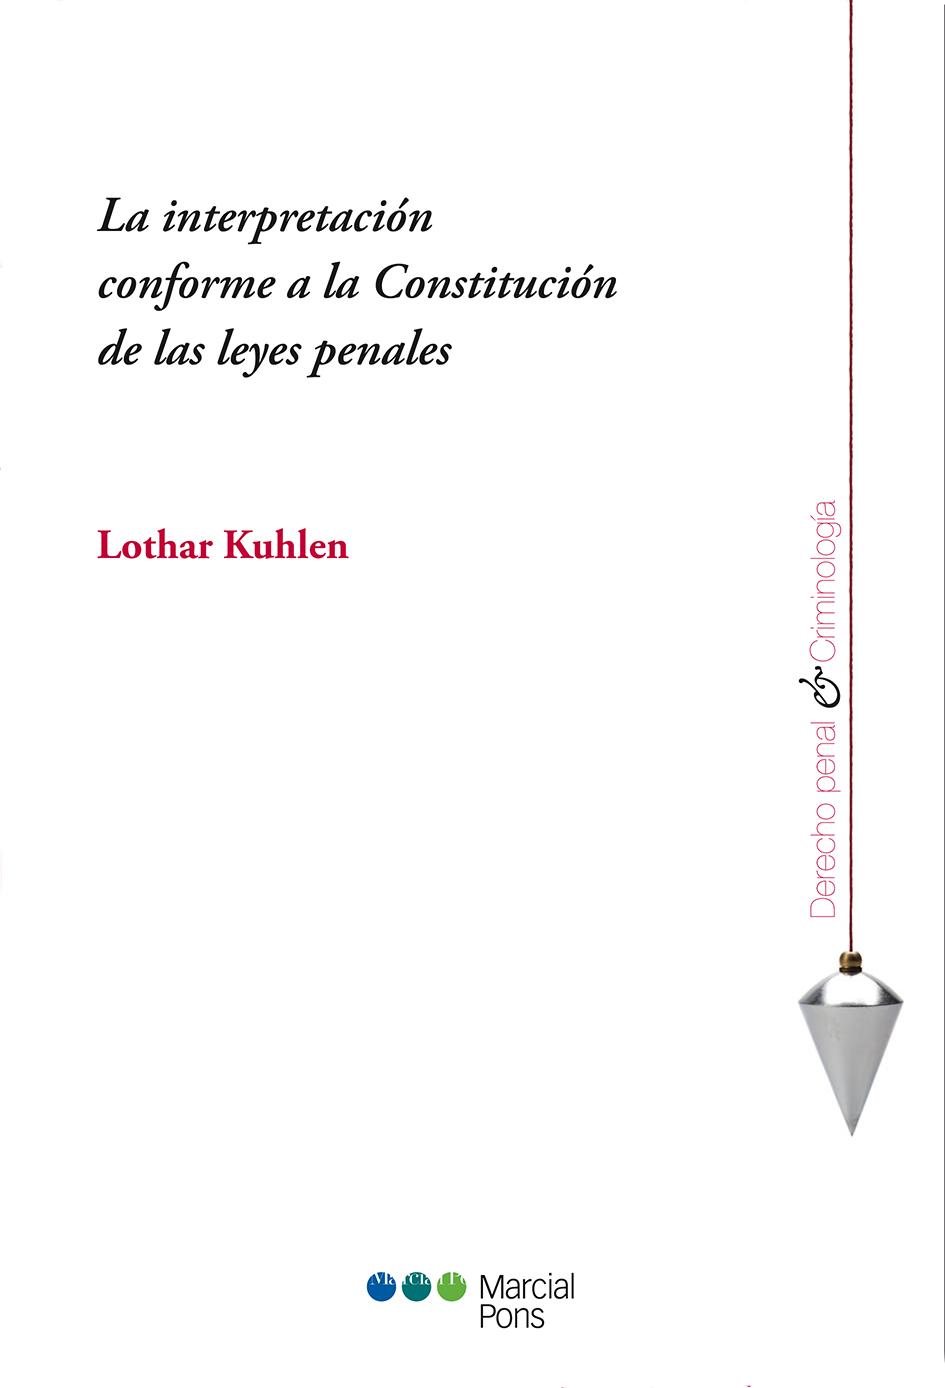 Portada del libro La interpretación conforme a la Constitución de las leyes penales